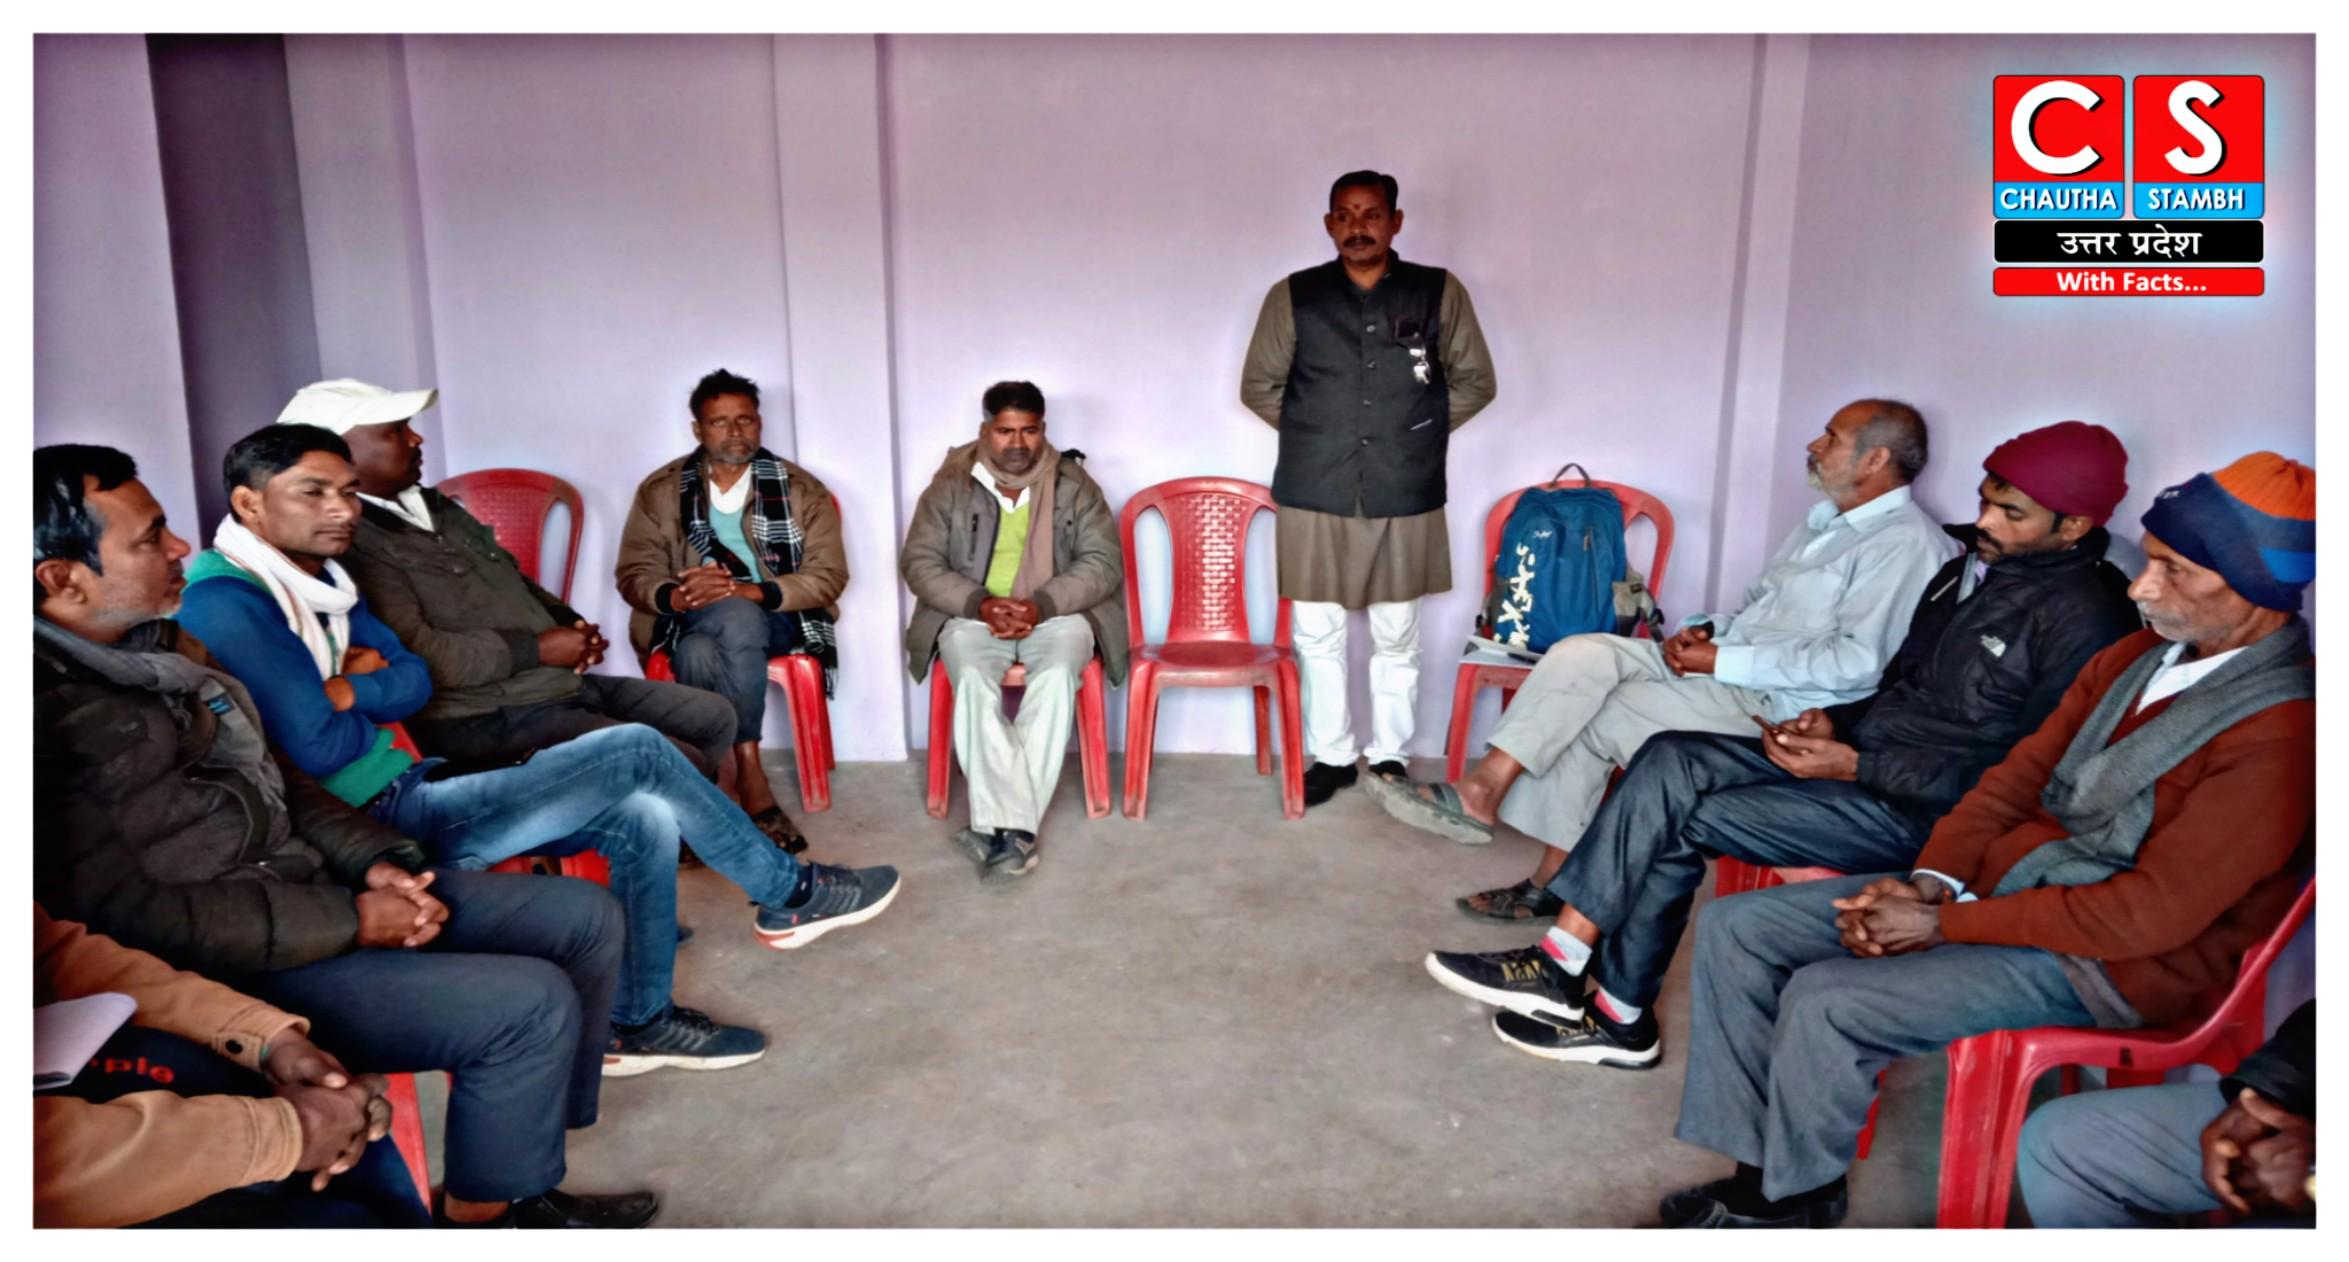 सेखुआनी लोक जन समाज पार्टी की बैठक सम्पन्न, आगामी चुनाव पर बनी रणनीति